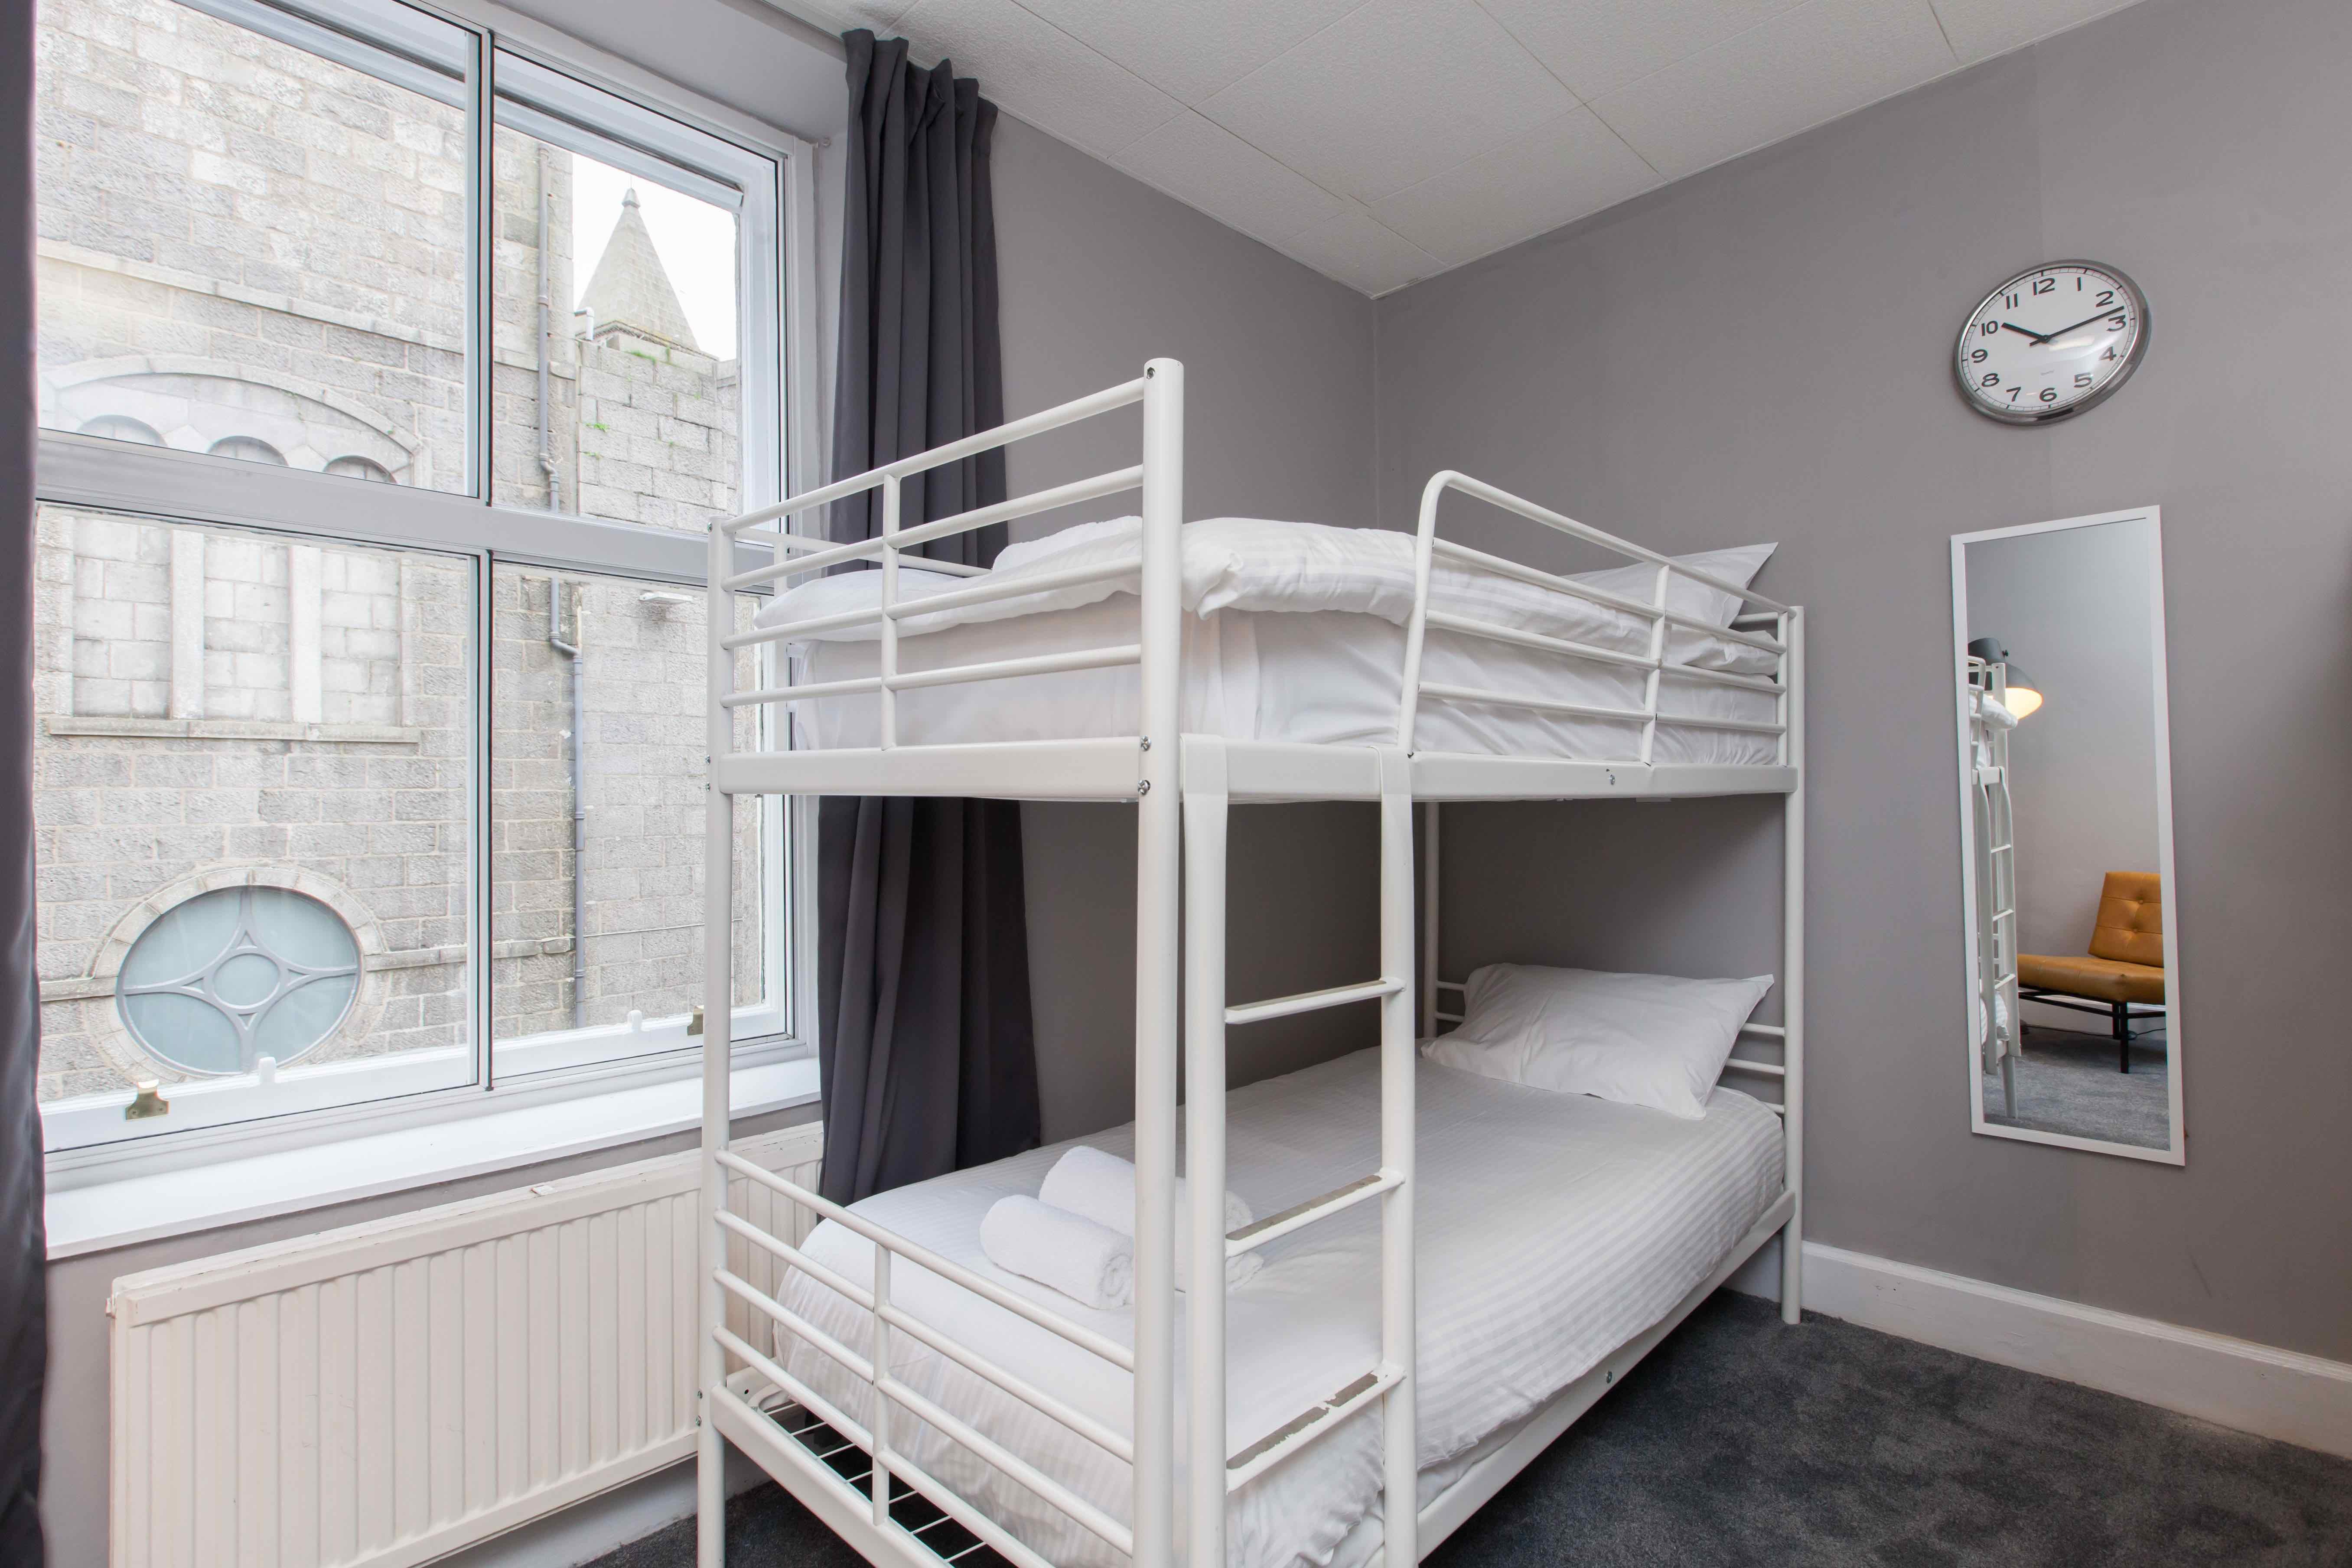 Citi Hostel Aberdeen